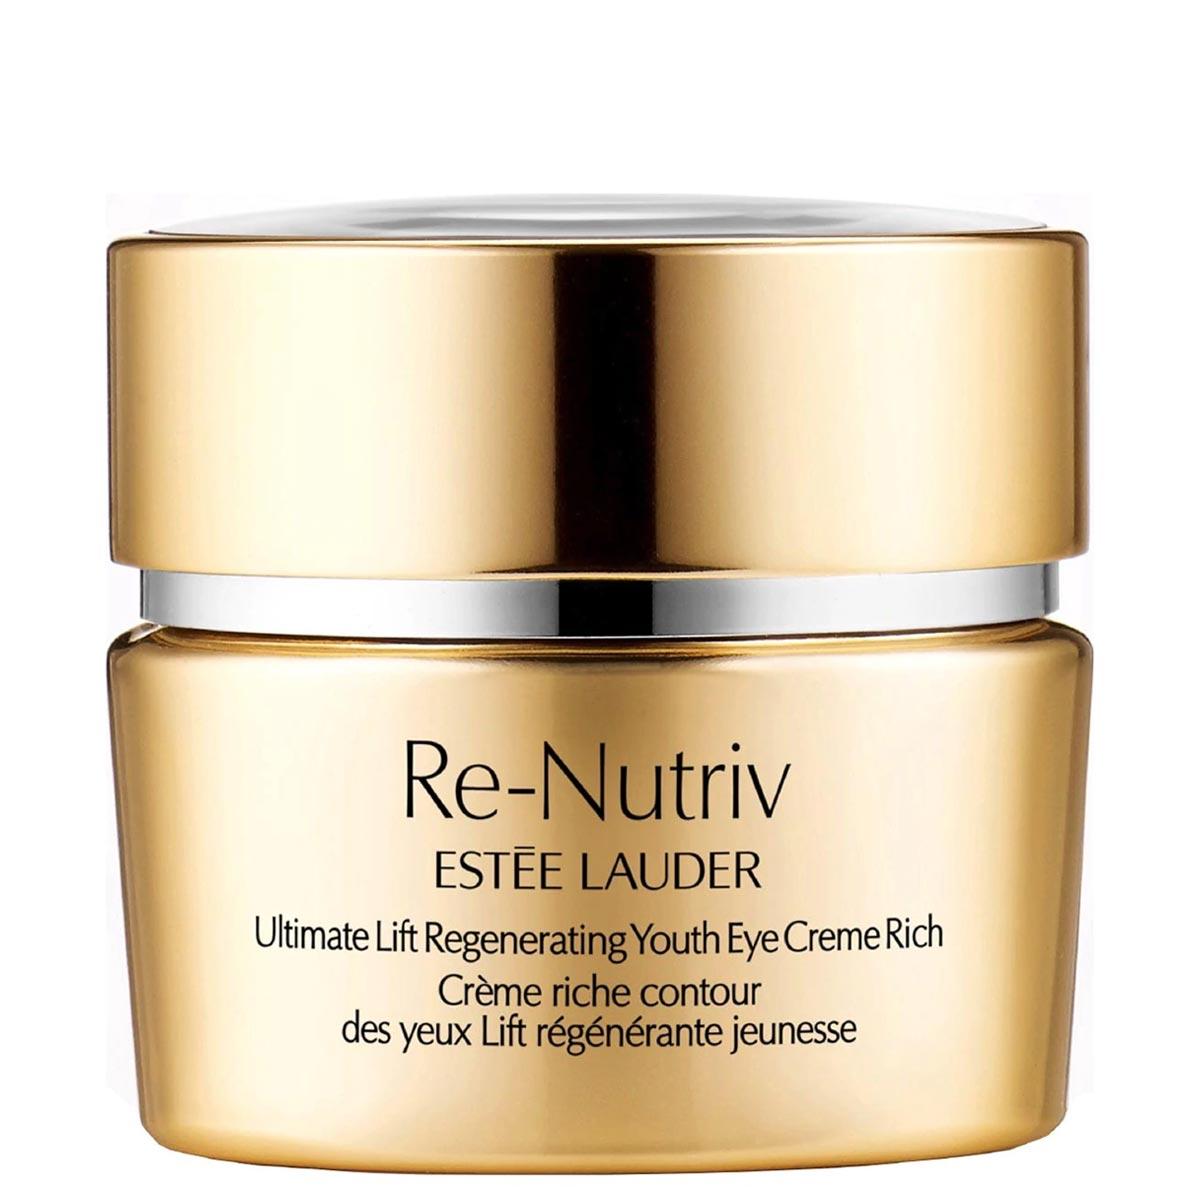 Estée Lauder - Re-Nutriv Ultimate Lift - Crème riche contour des yeux Lift régénérante jeunesse 15 ml